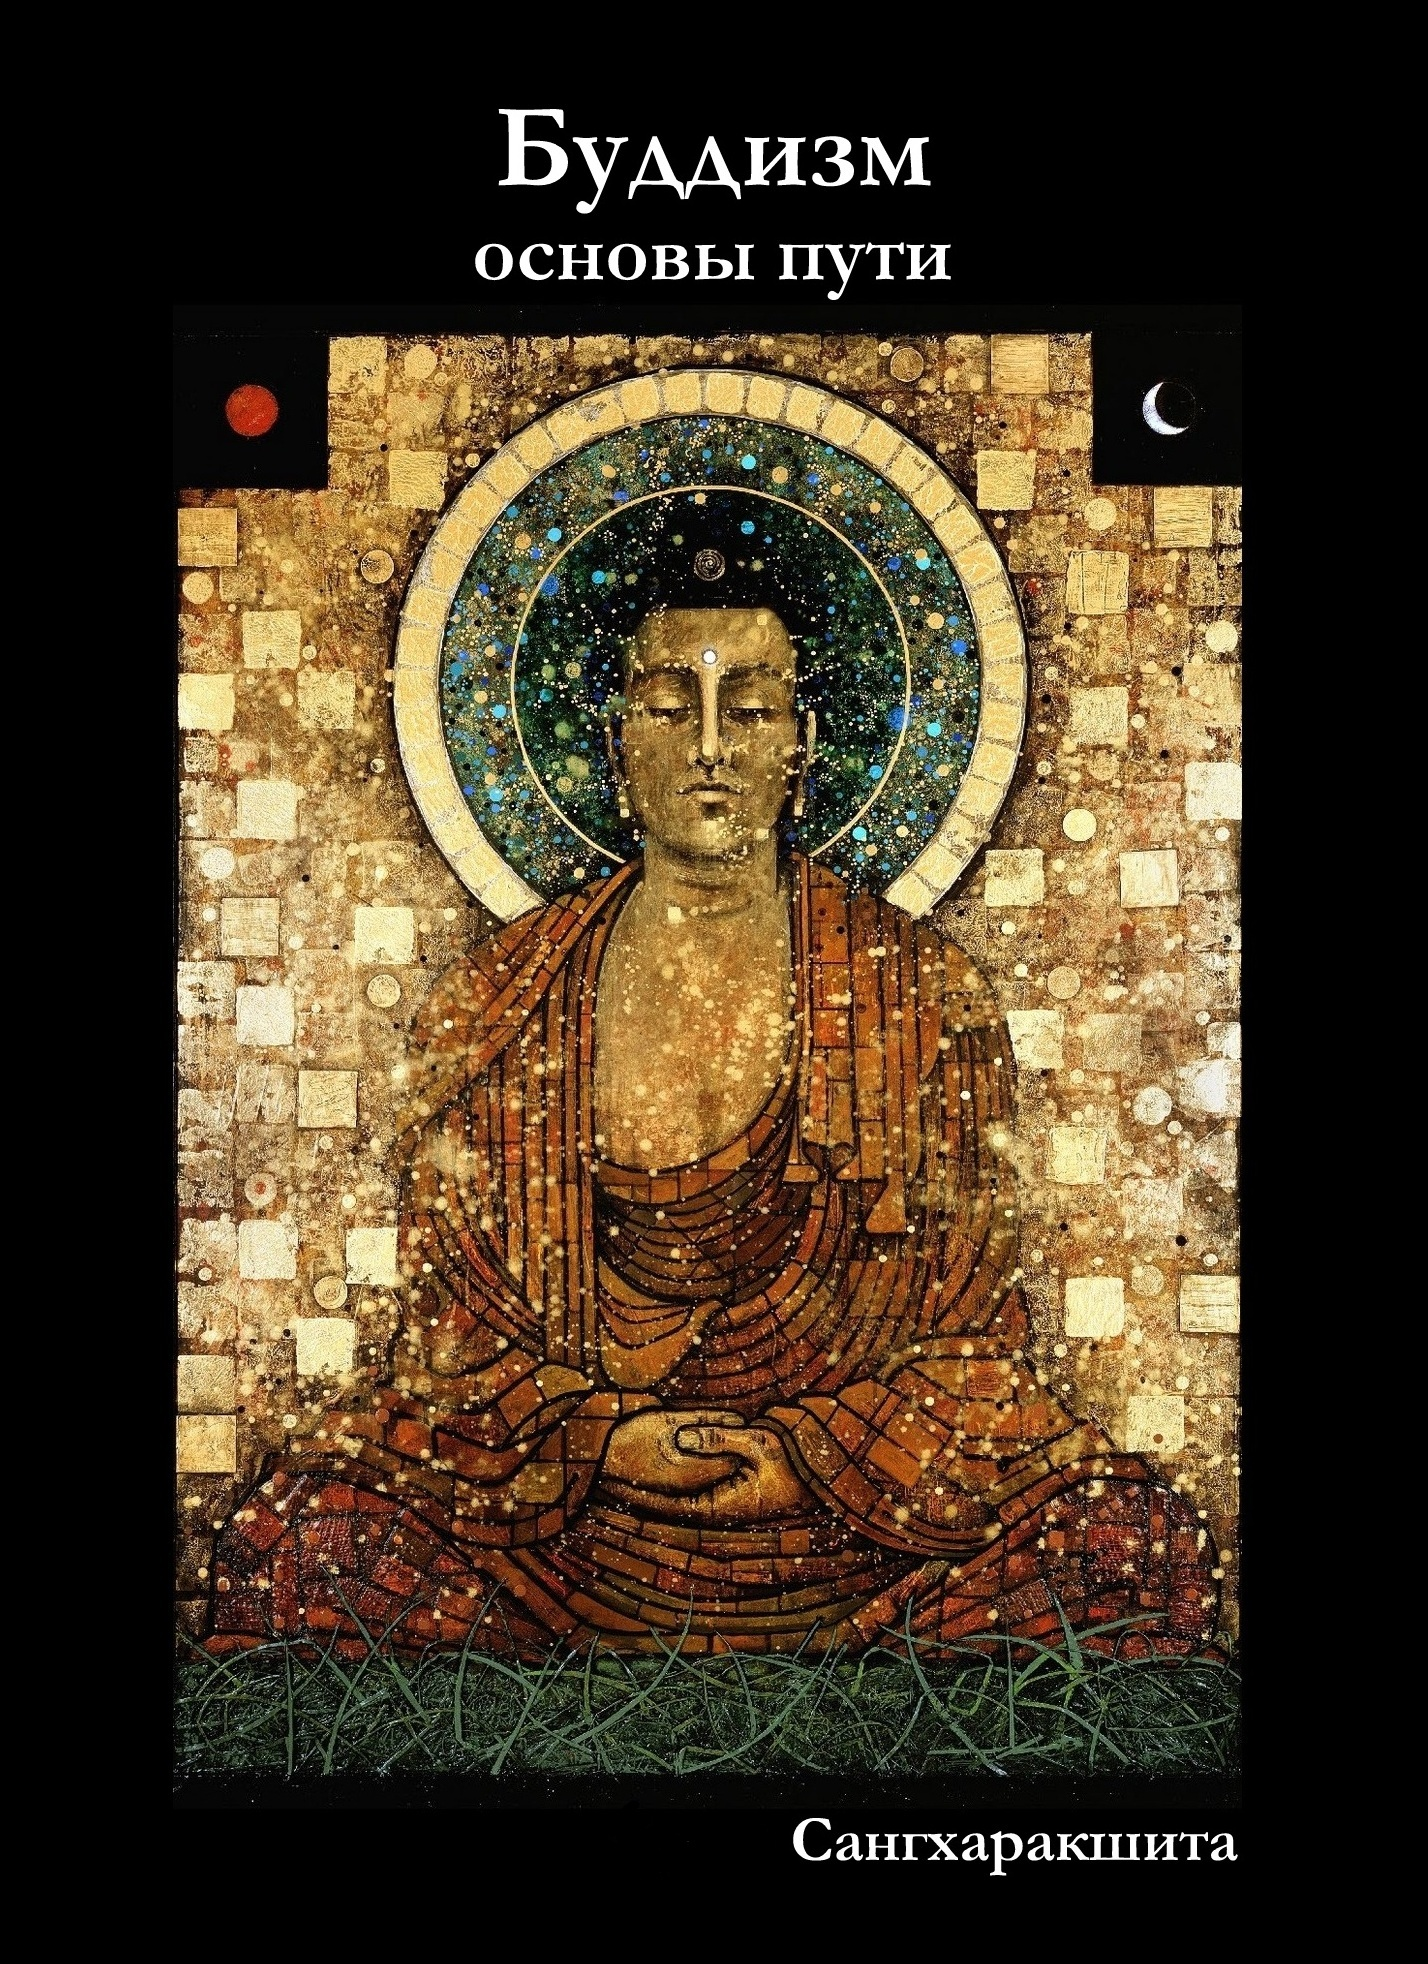 Скачать книгу про буддизм